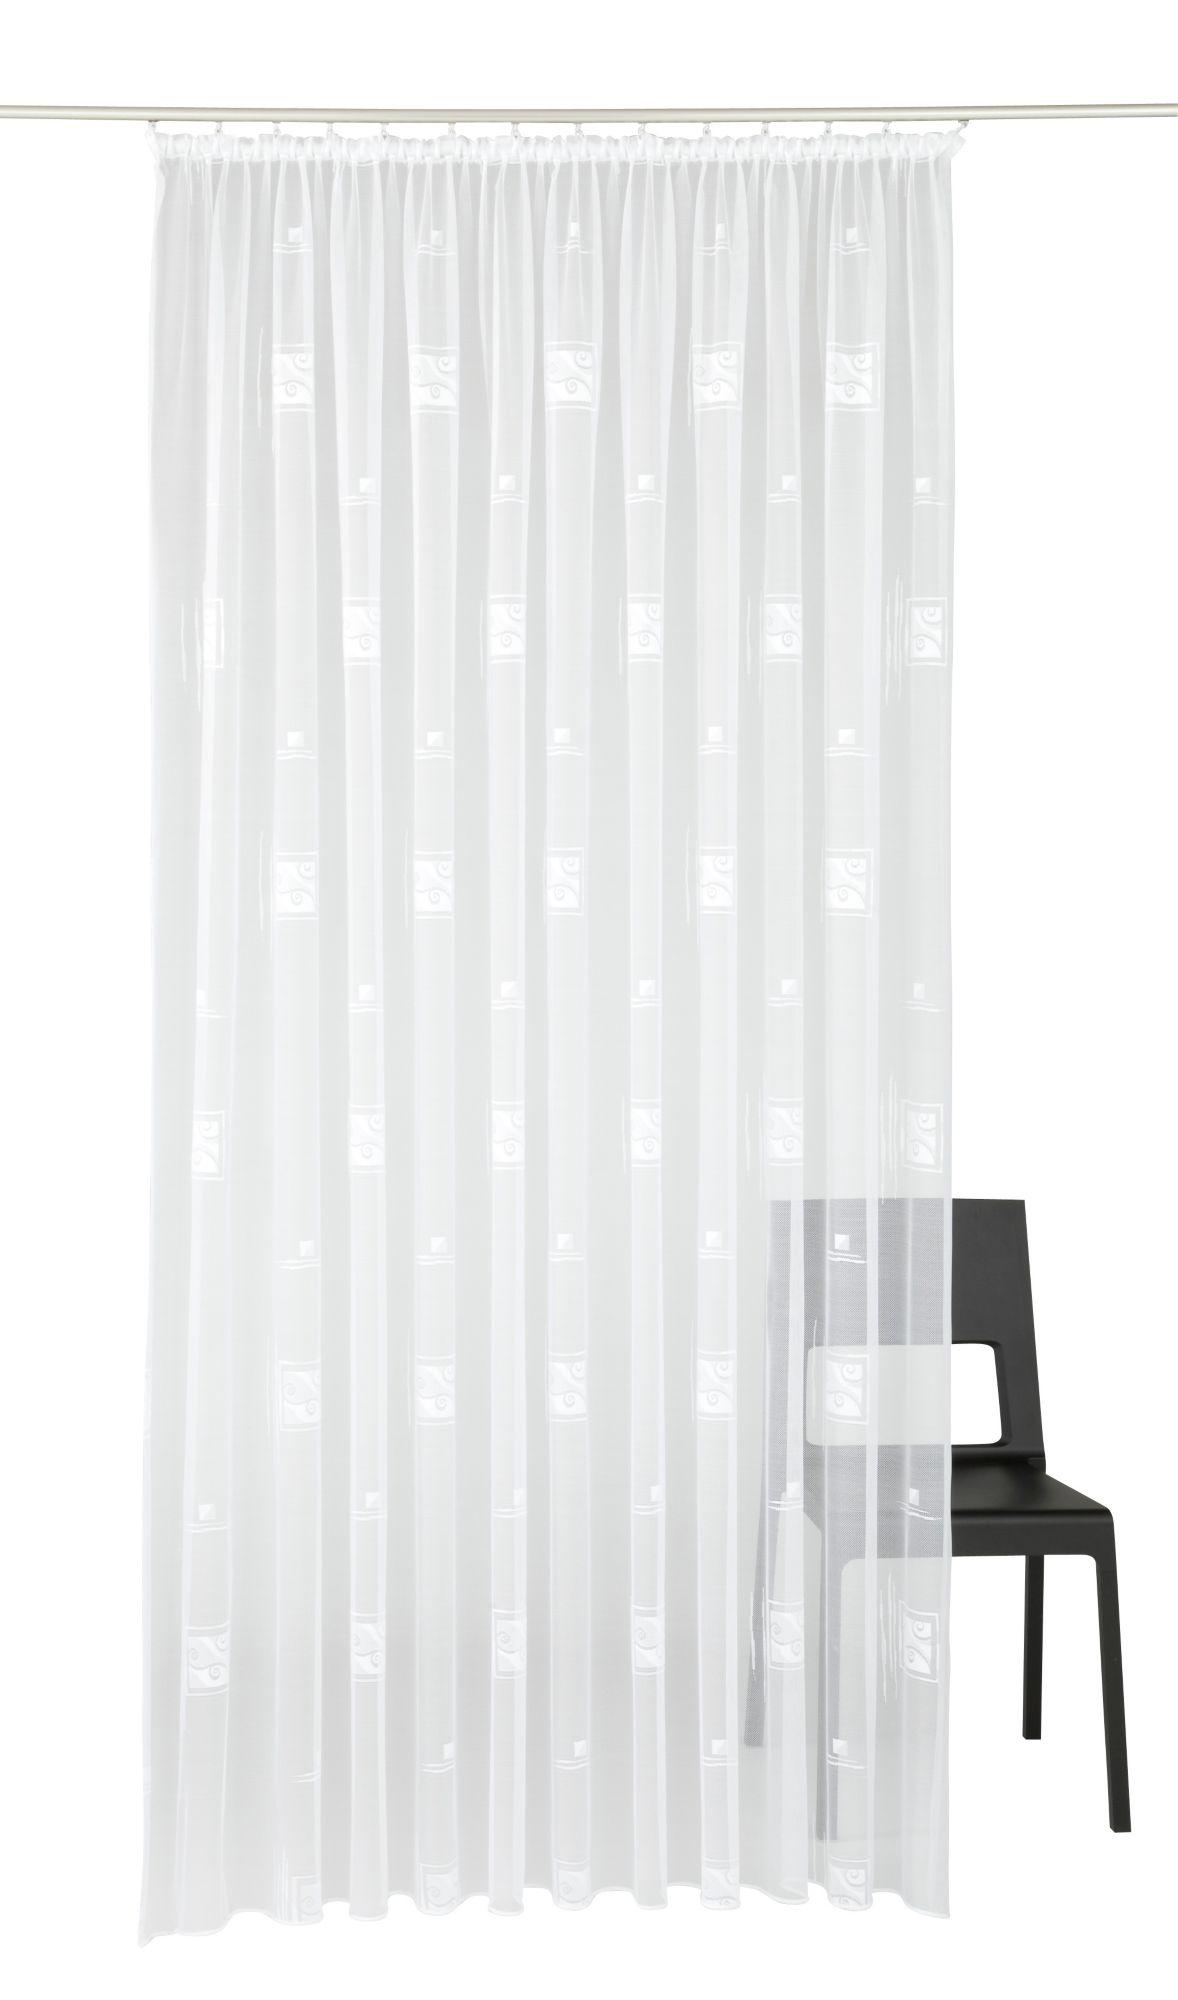 gardine weckbrodt gardinen alexa nach ma 1 st ck. Black Bedroom Furniture Sets. Home Design Ideas